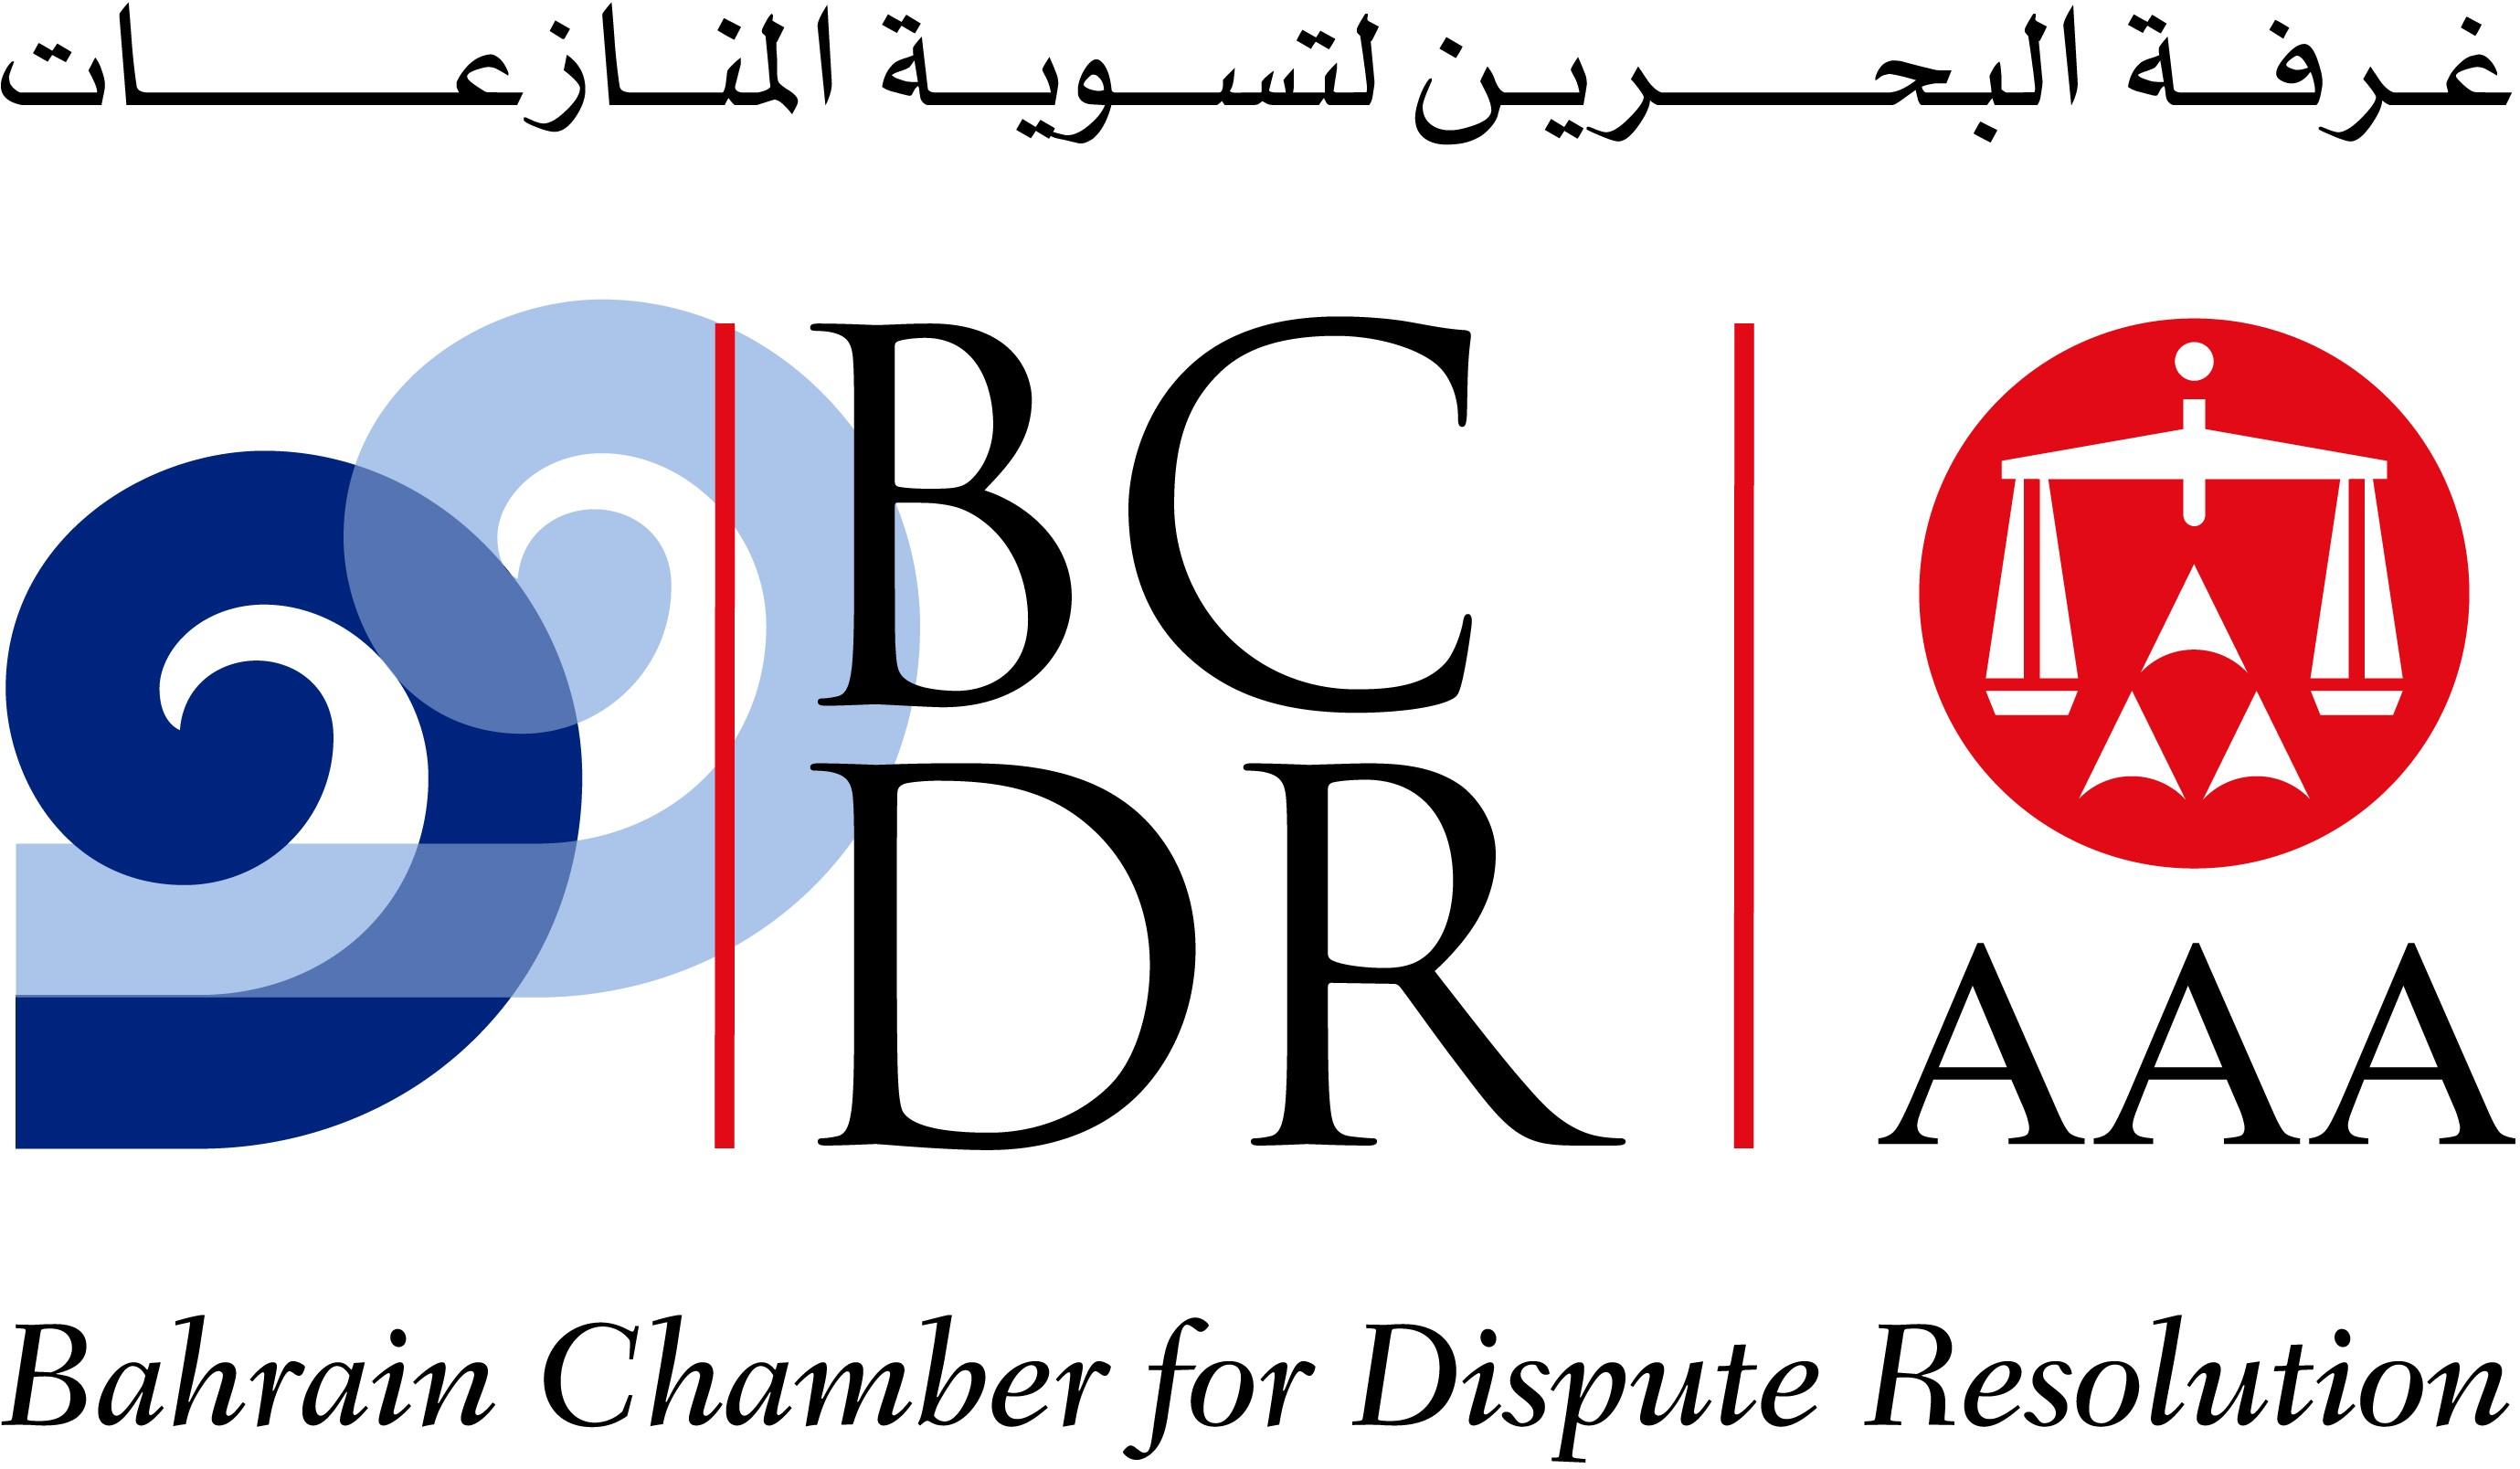 Chambre de règlement des différends de Bahreïn